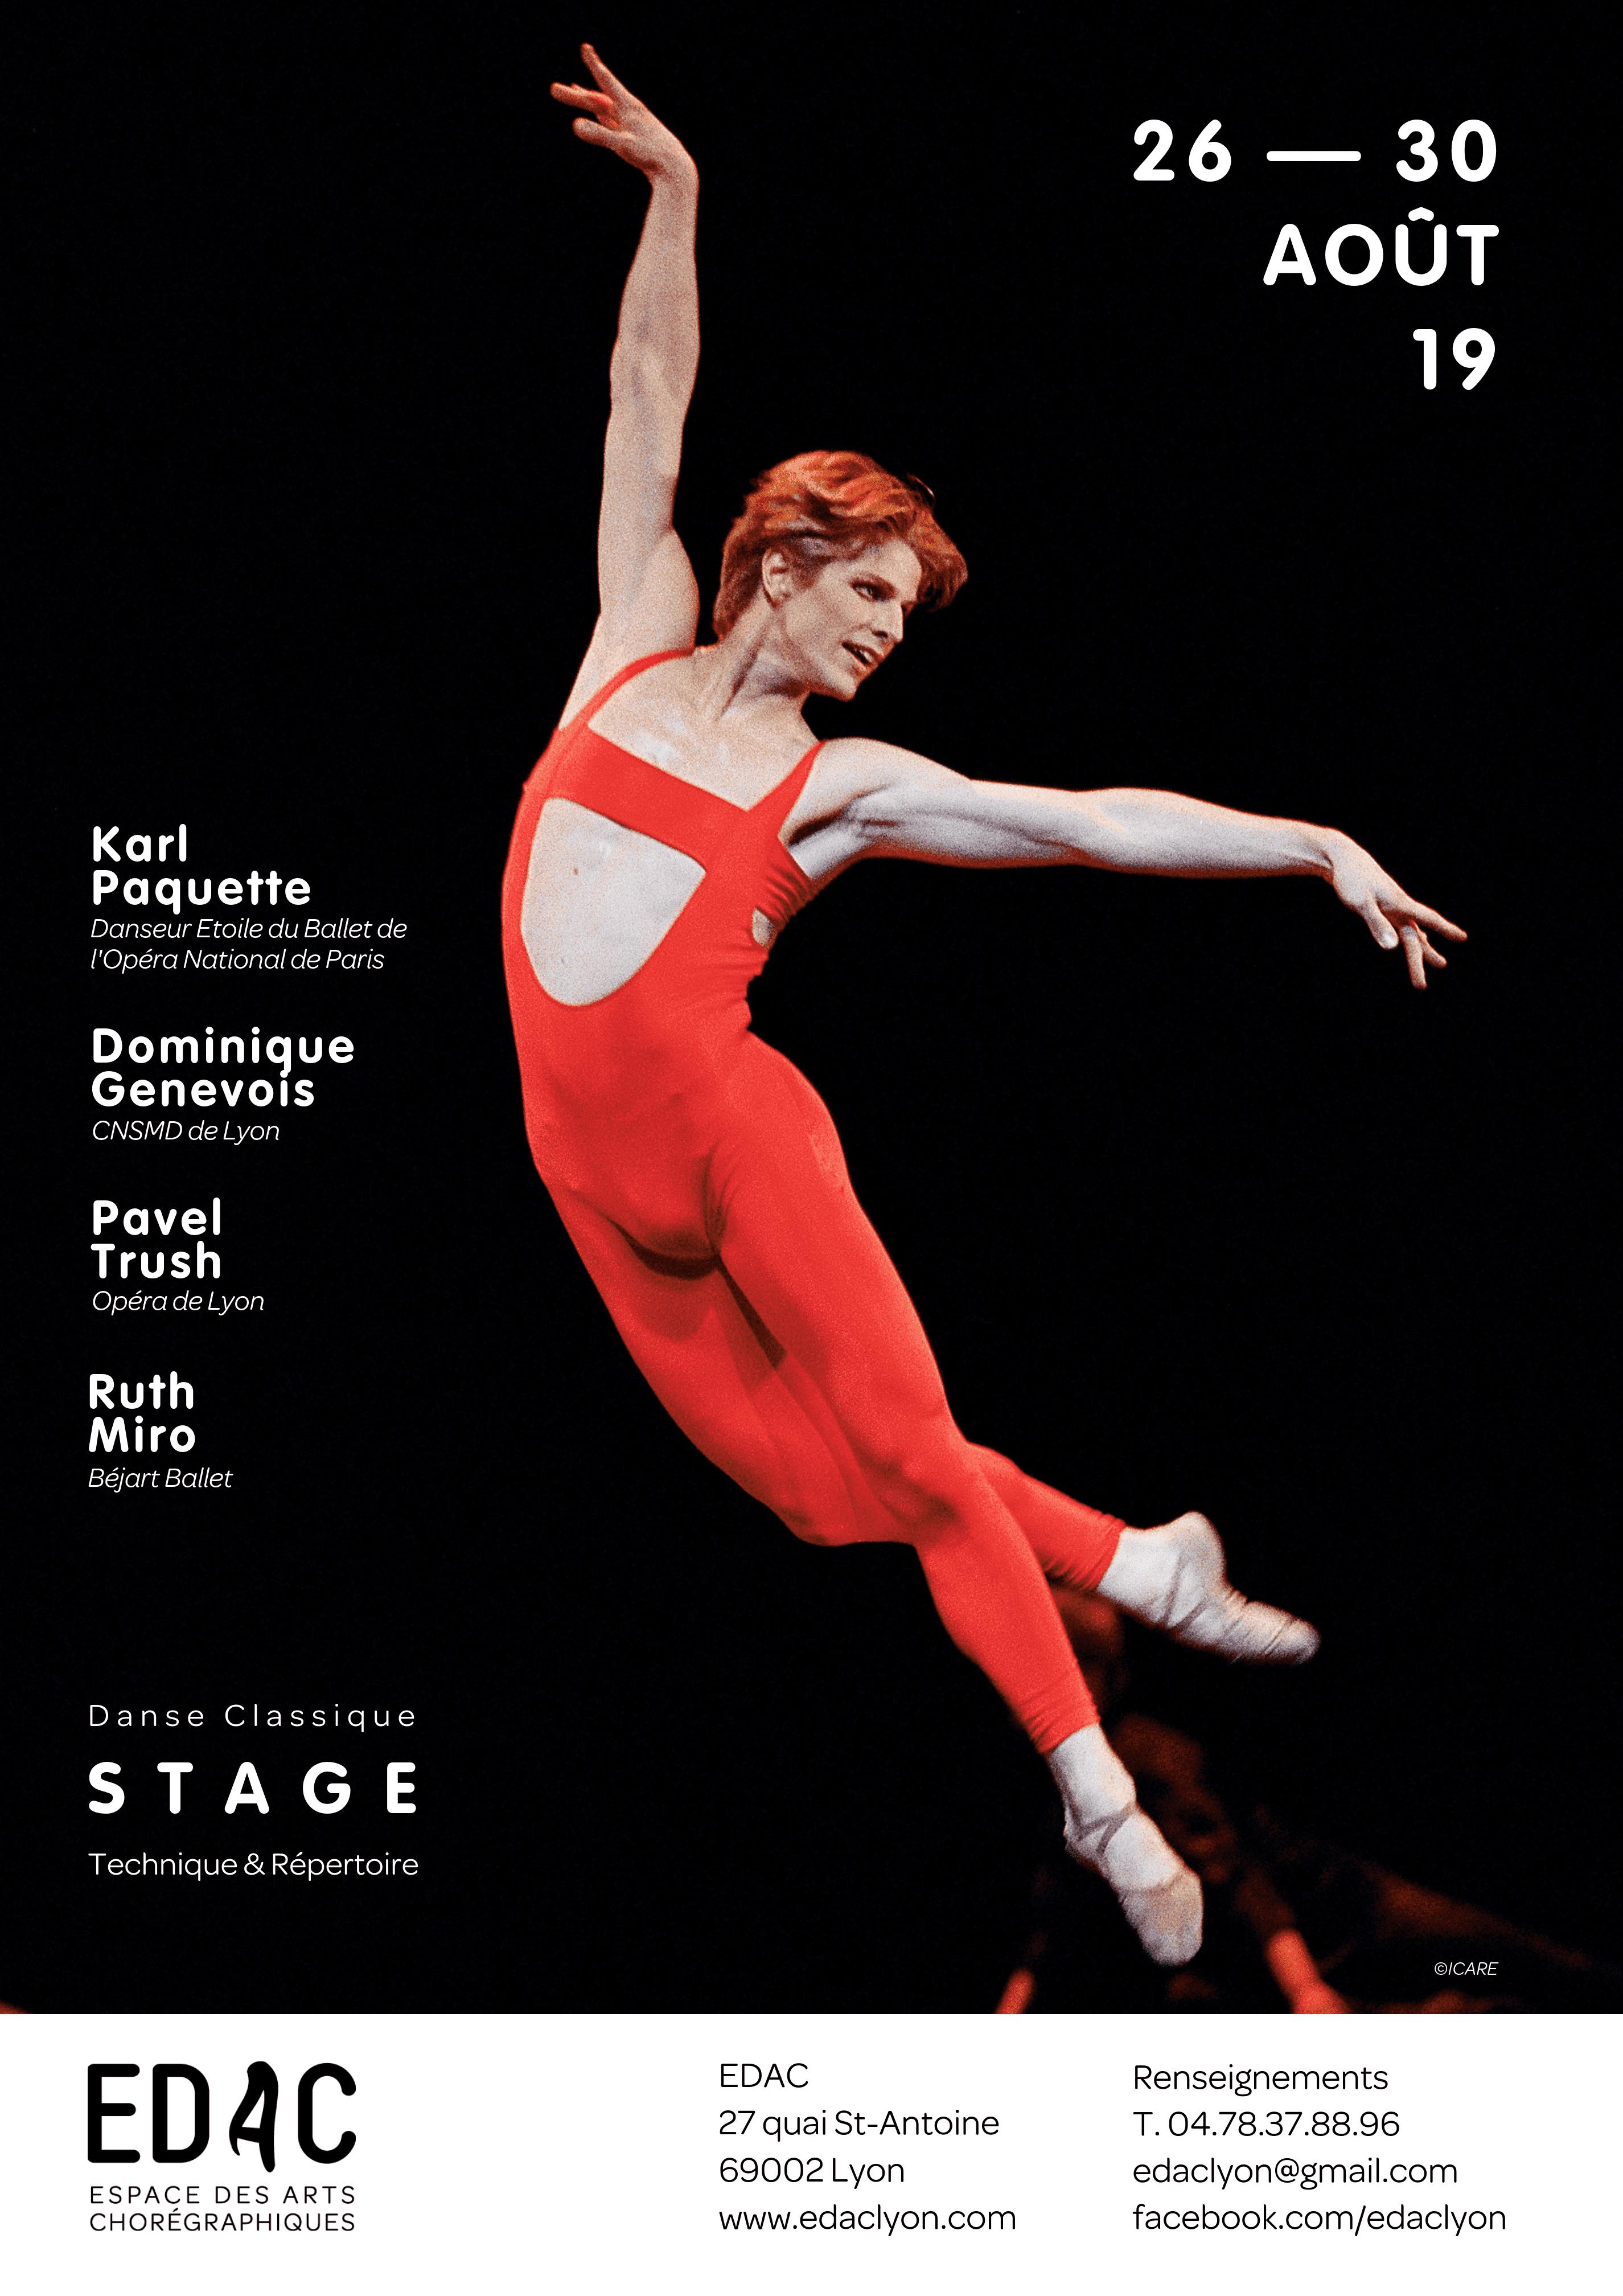 Karle Paquette, Maurice Béjart, stage de danse classique à Lyon, Pavel Trush, Ruth Miro Dominique Genevois